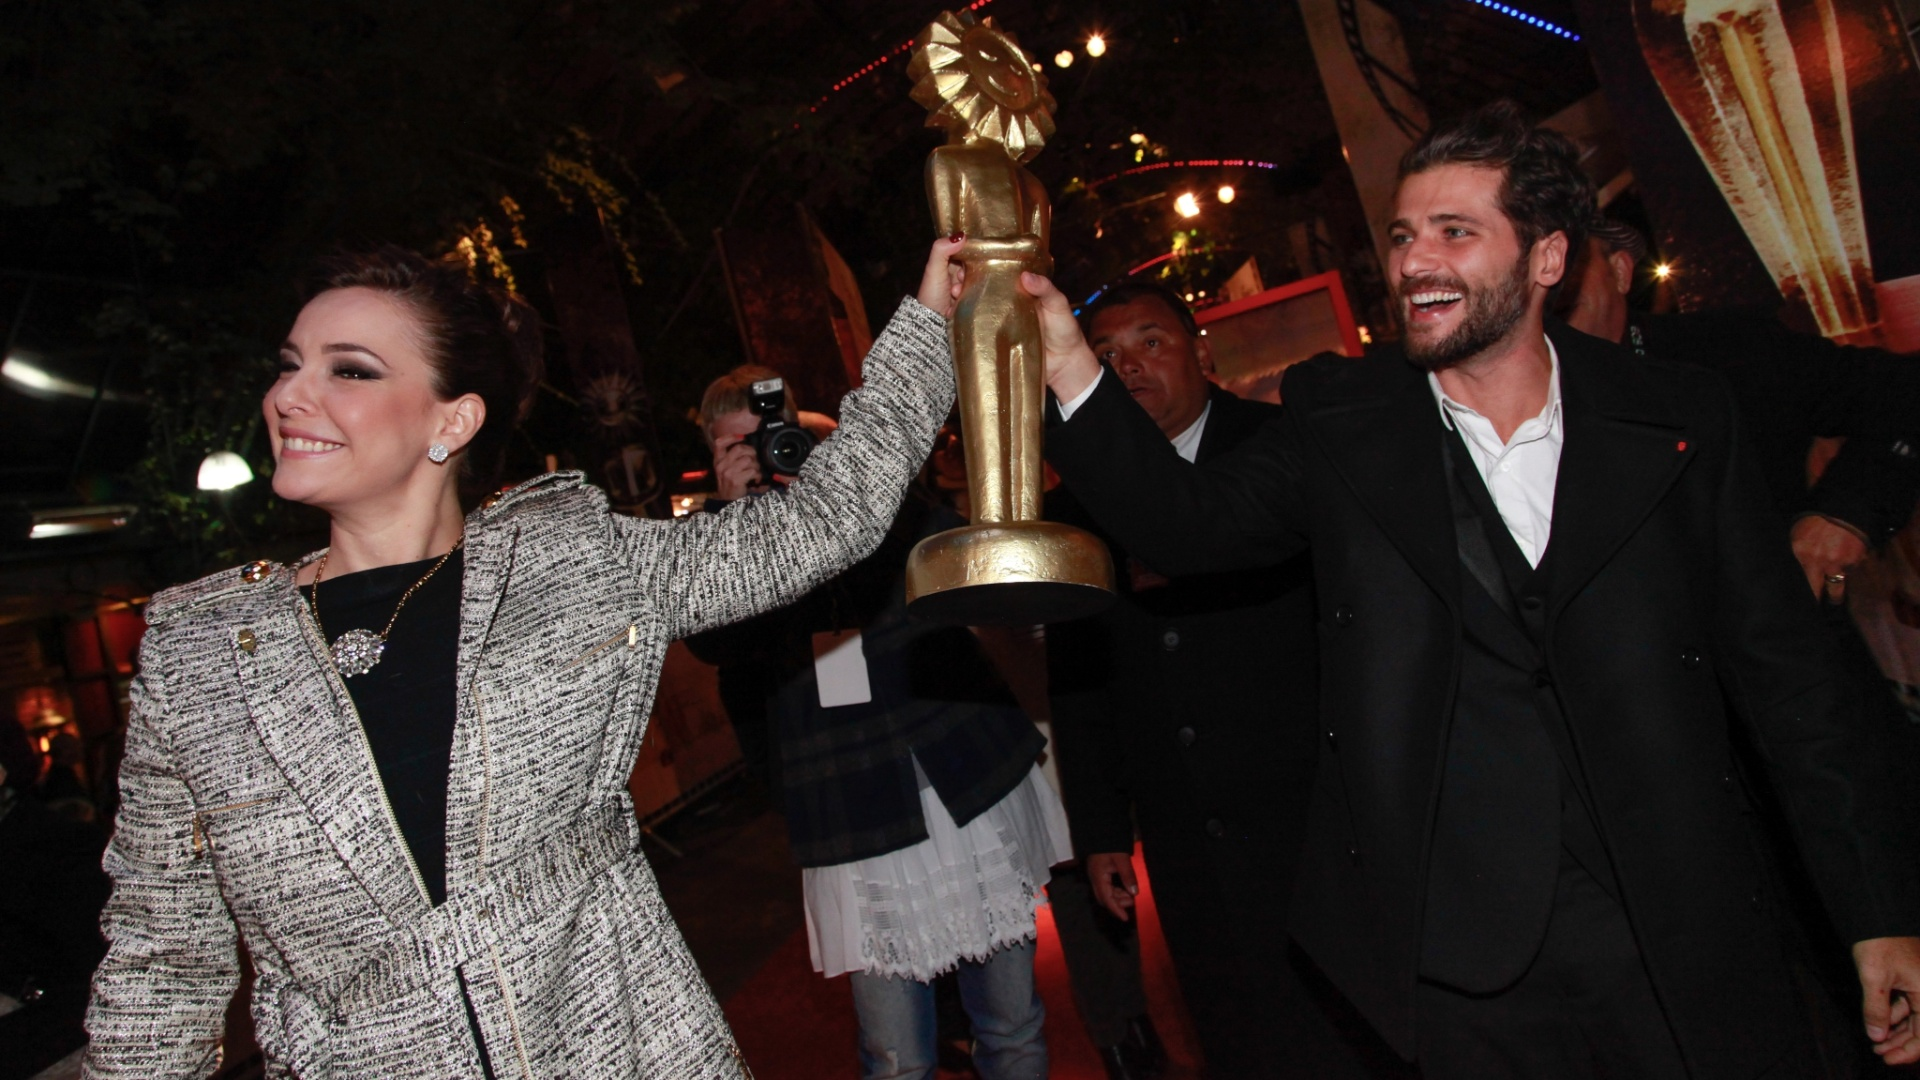 8.ago.2014 - Regiane Alves e Bruno Gagliasso seguram um Kikito gigante no tapete vermelho da abertura do 42° Festival de Cinema de Gramado, no Rio Grande do Sul, na noite desta sexta-feira